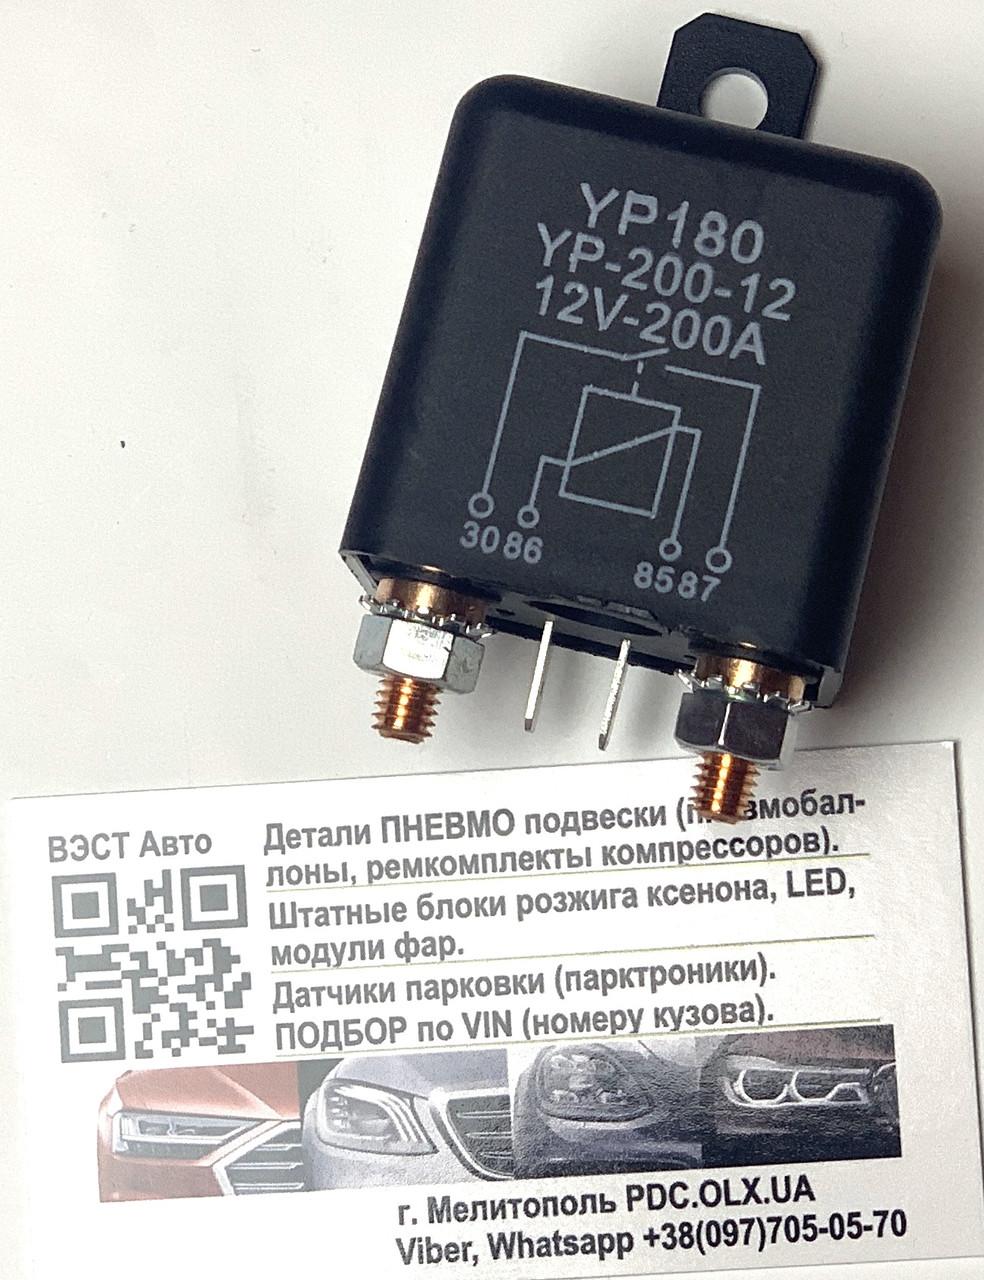 Реле силовое 200A 12v 4 контактное YP-200-12 200ампер